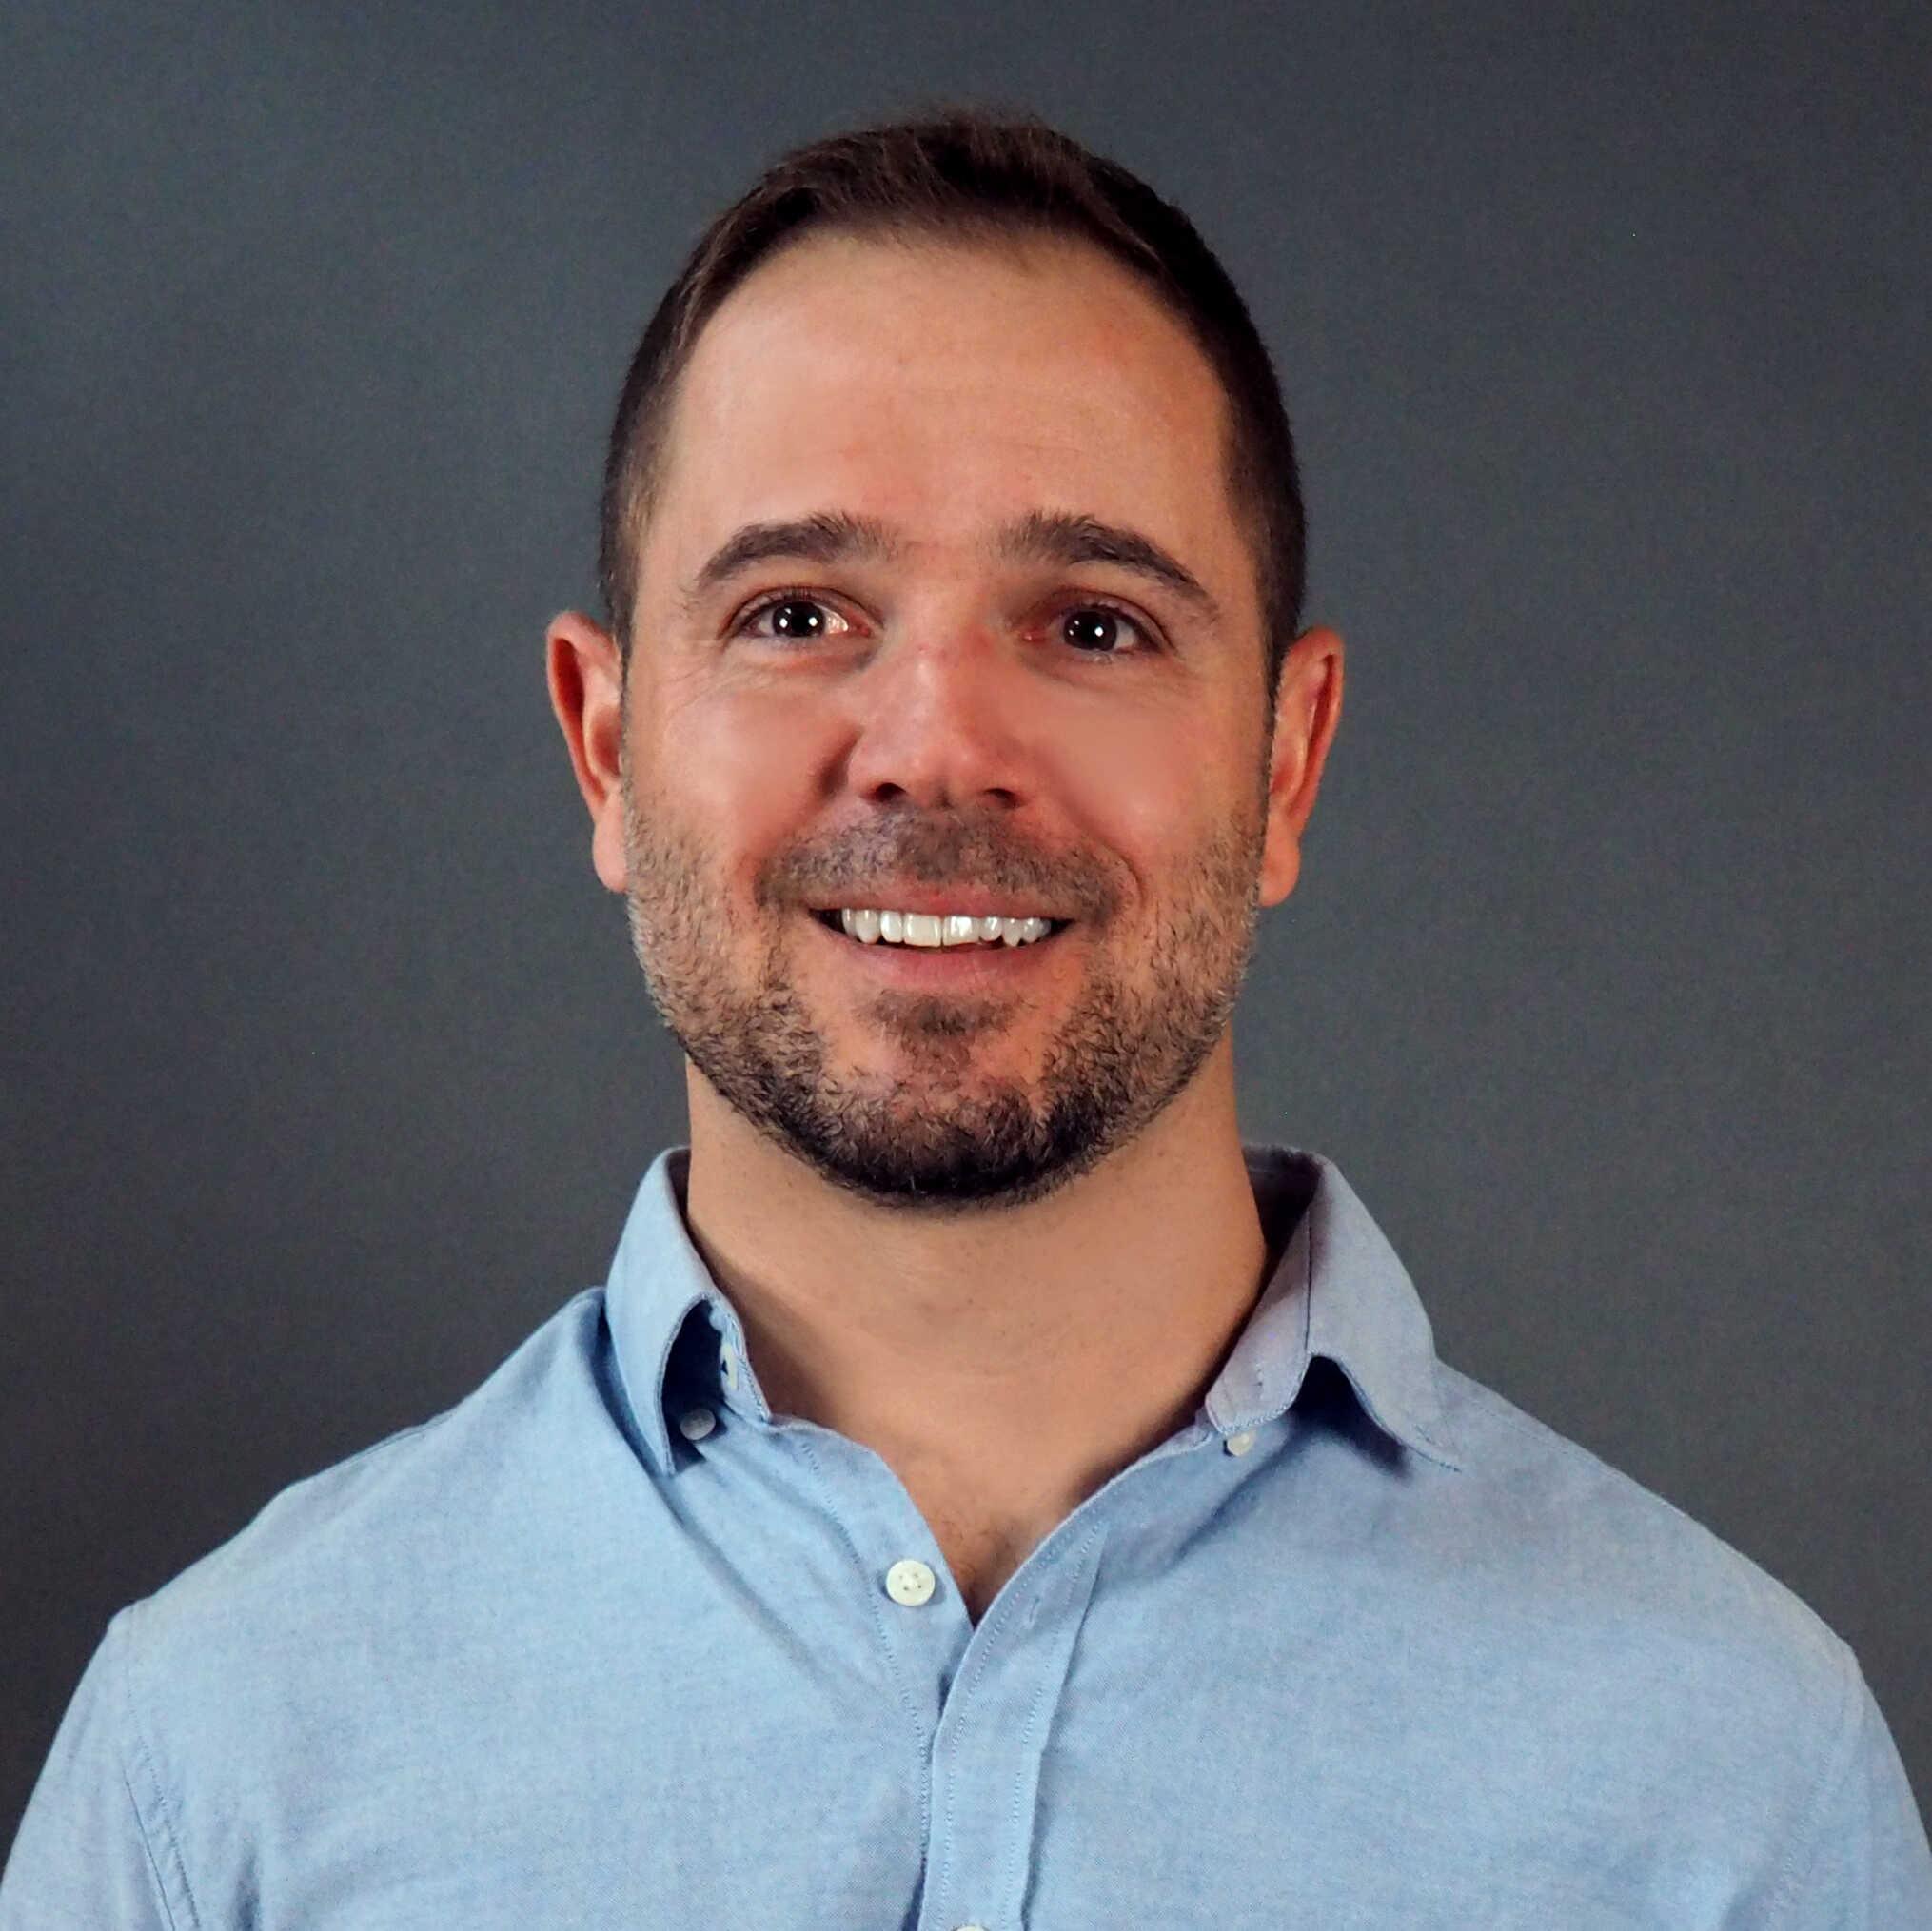 Dr. Bradley Grgurich Chiropractor Physical Therapist